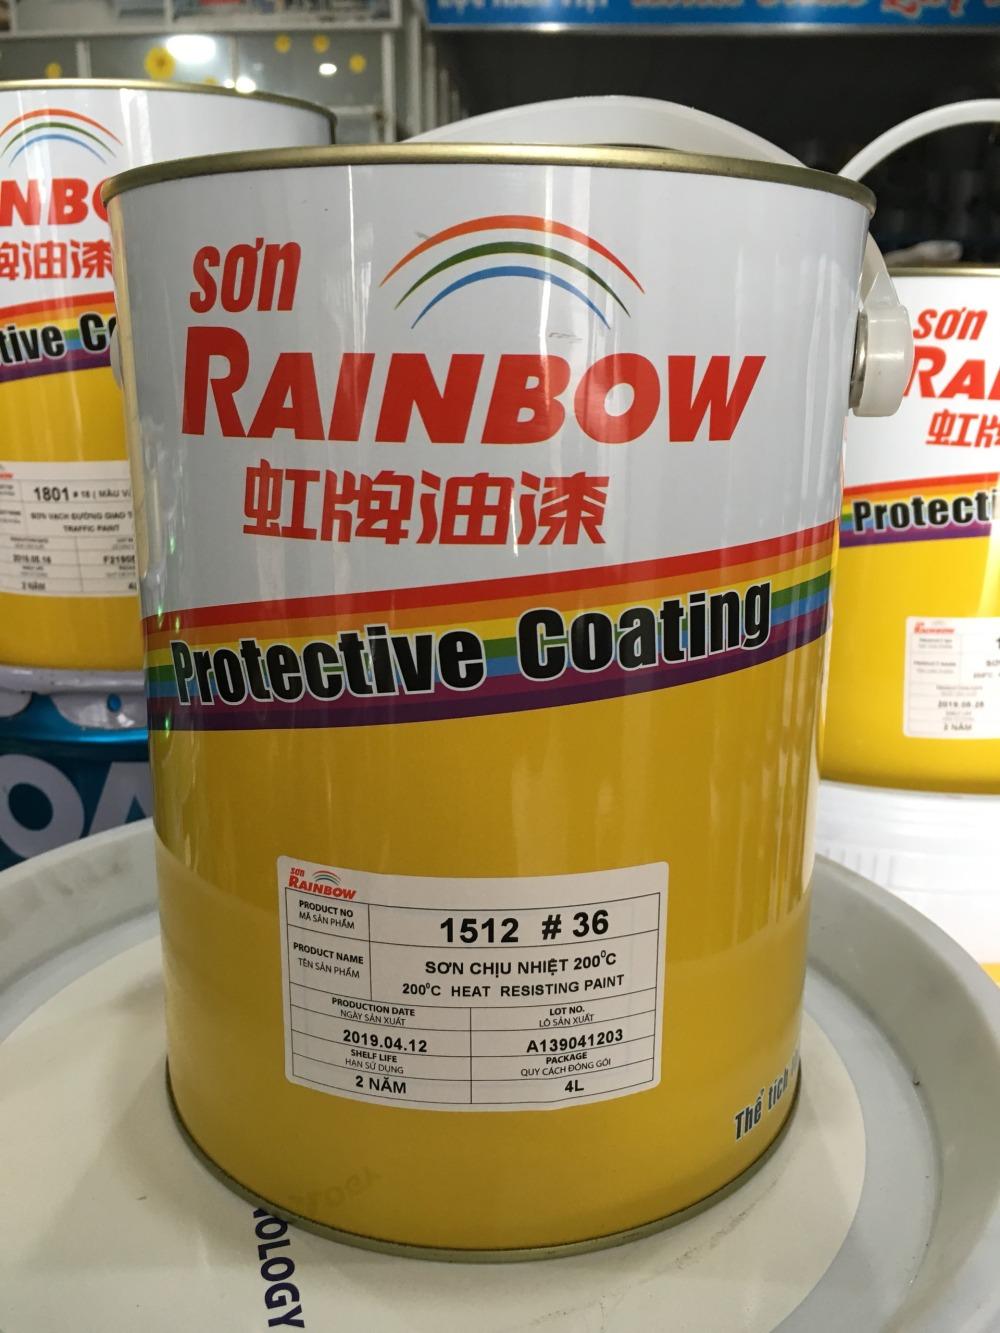 SON CHIU NHIET 200 DO C RAINBOW MAU XAM # 36 - (2)